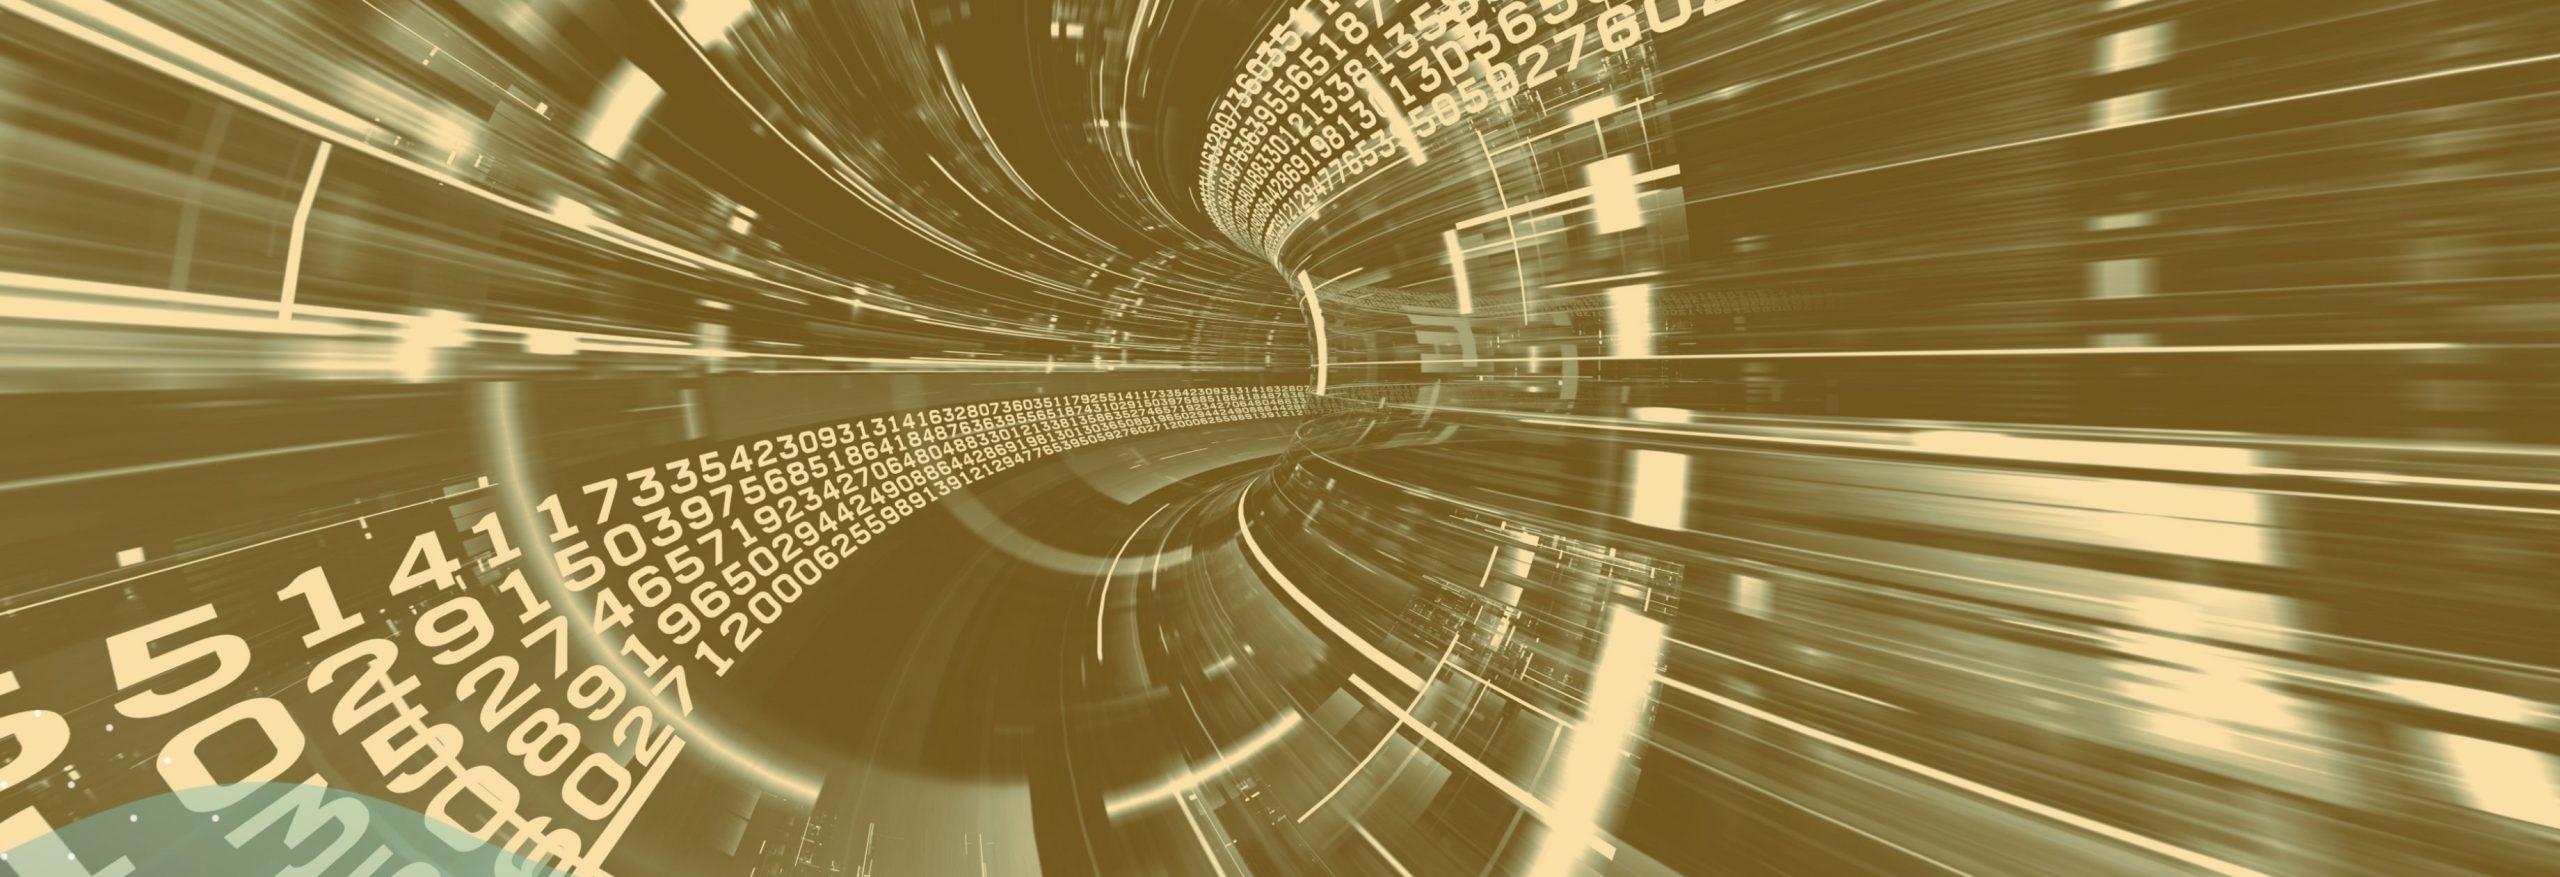 digitising finance